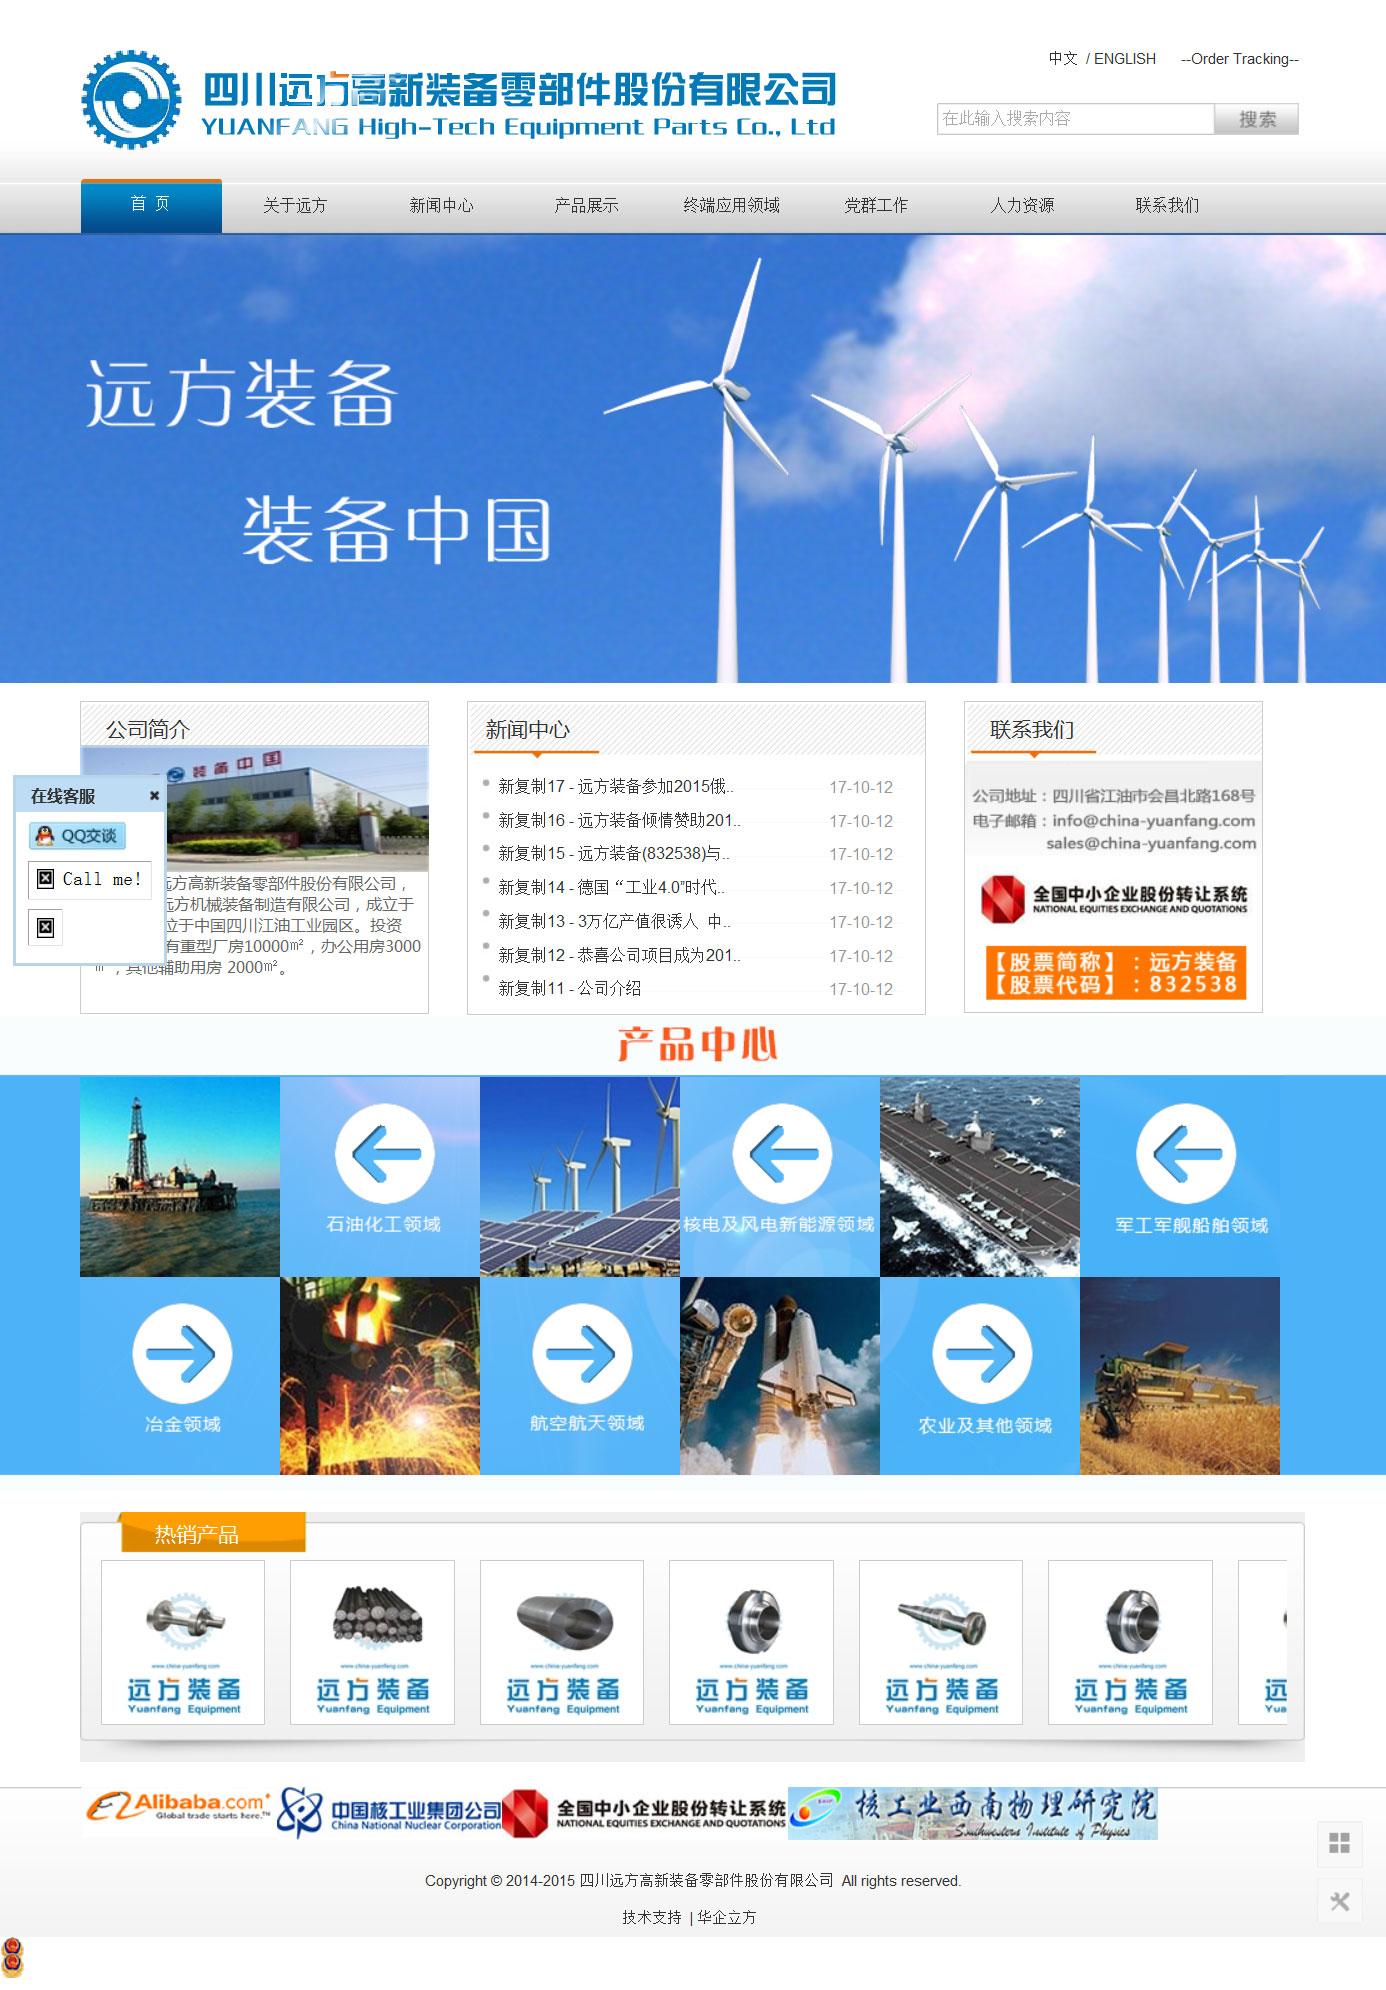 四川远方高新装备零部件股份有限公司